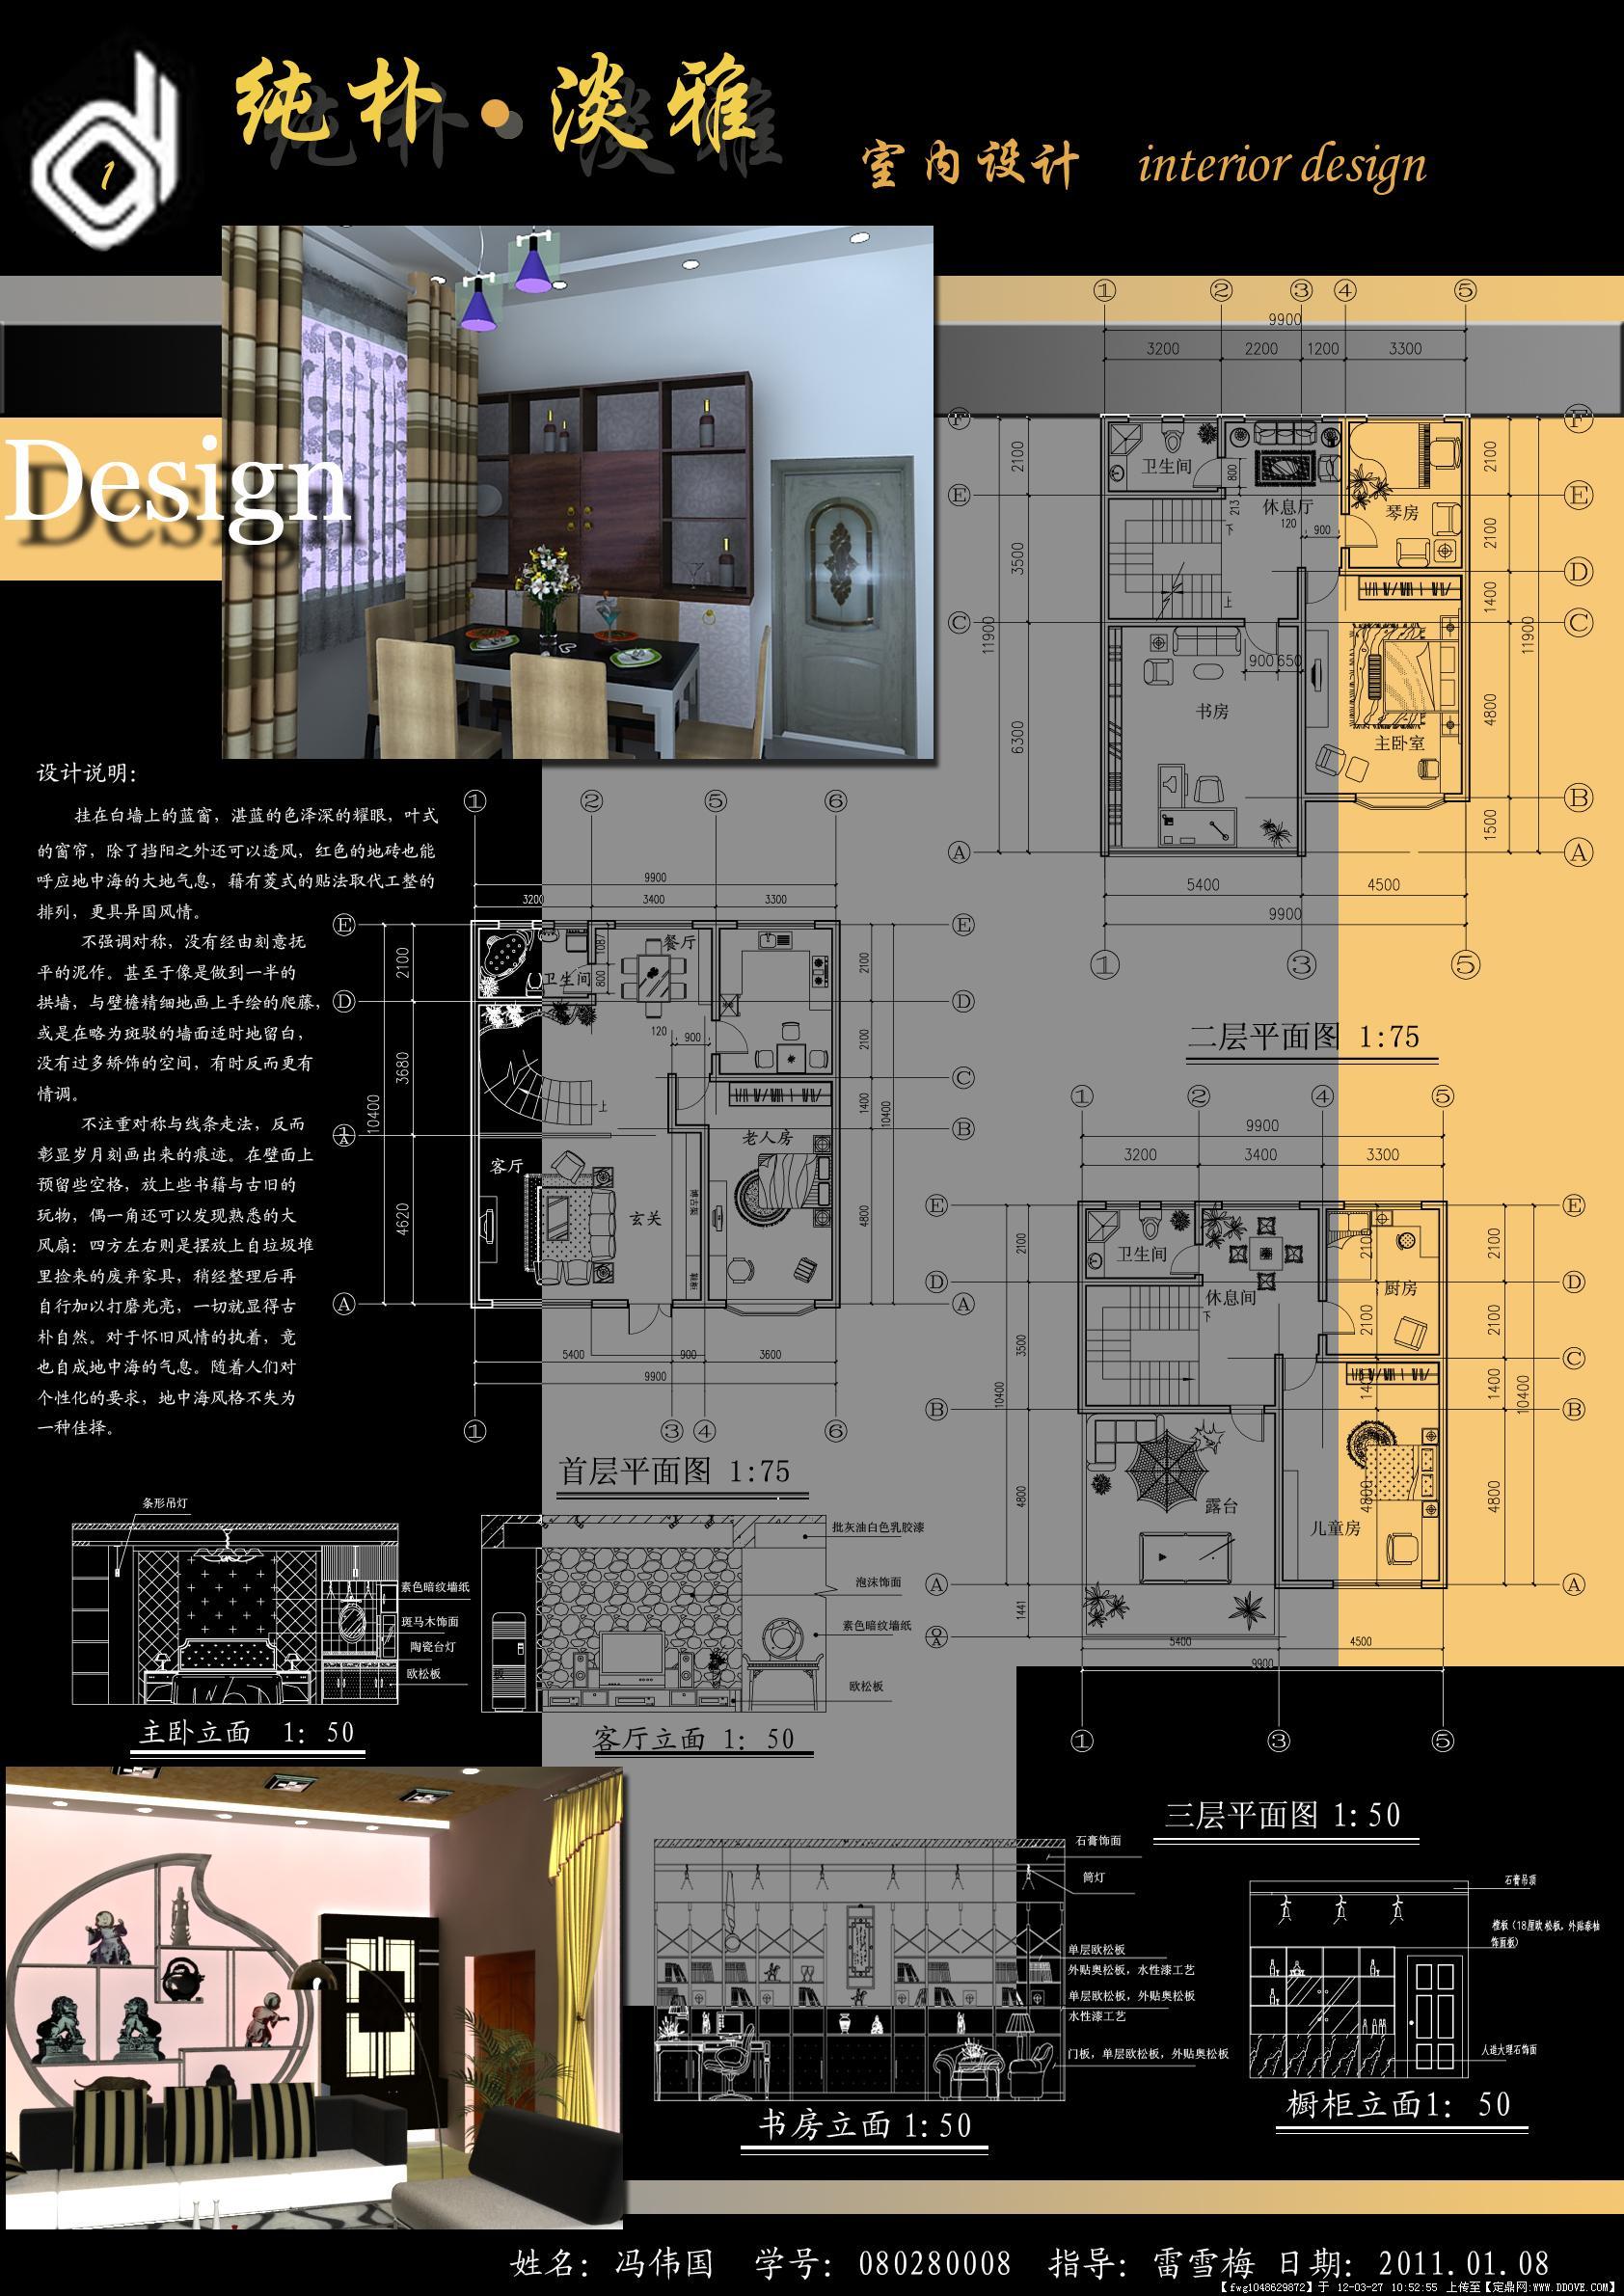 室内设计 排版图-冯伟国080280008